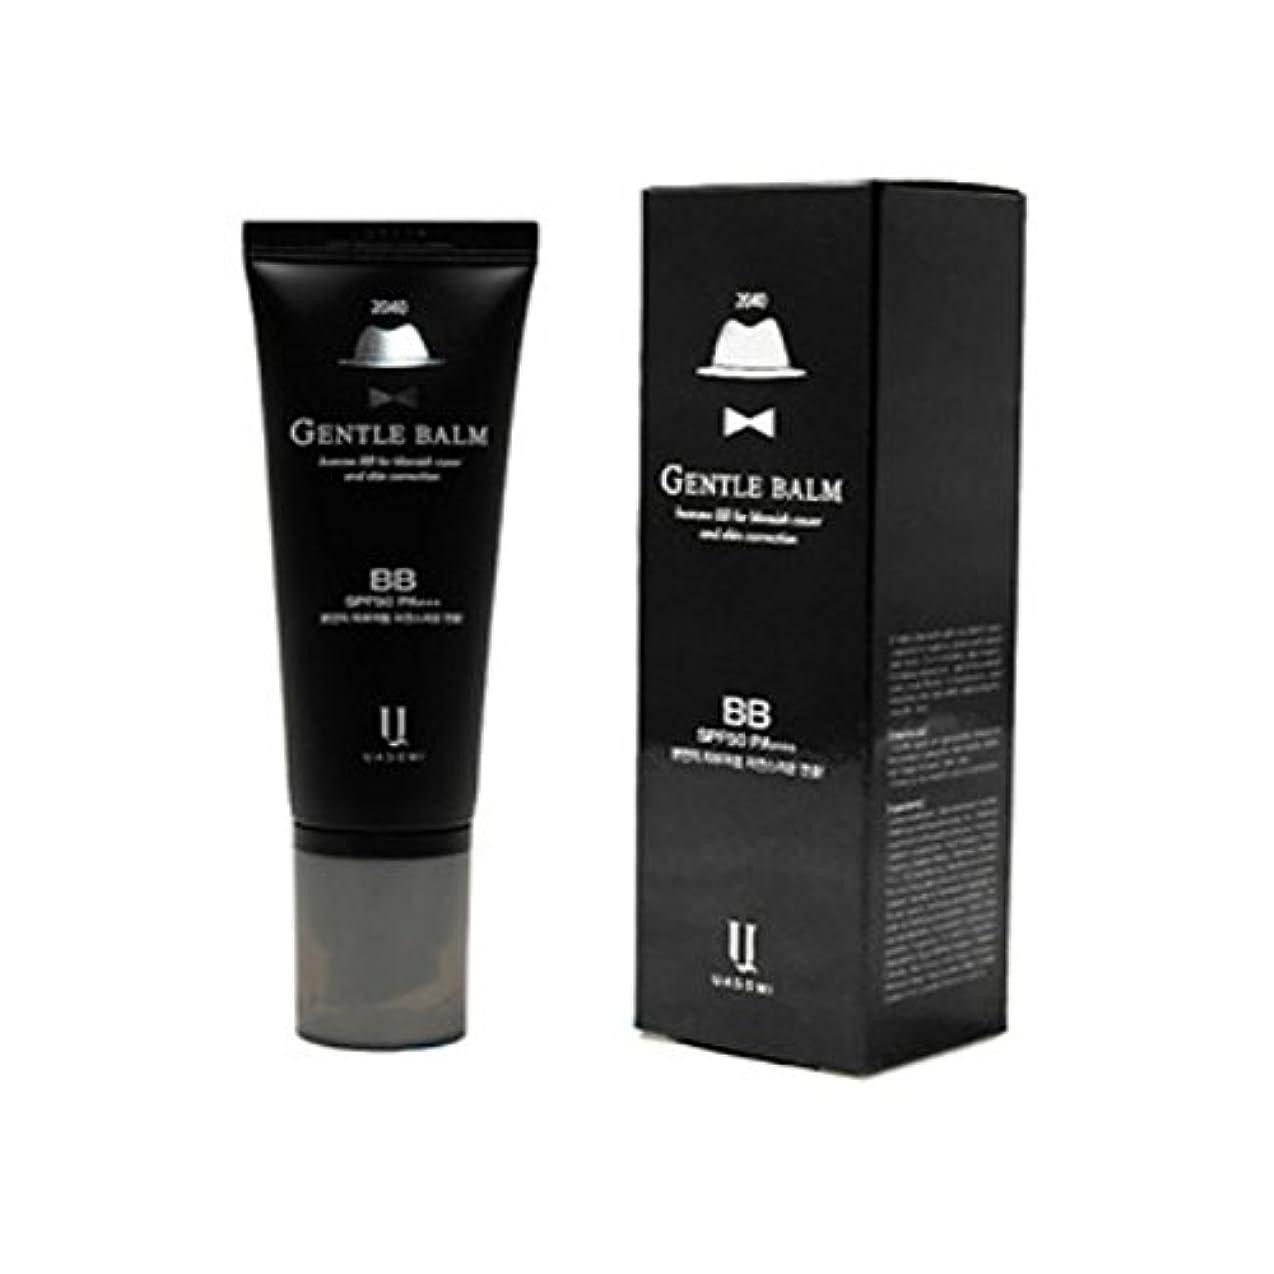 欲望経済と遊ぶ(男 BB クリーム 韓国 日焼け止め) homme 2040 BB for blemish cover and skin correction korea beauty Gentle bam SFP50 PA+++ (...